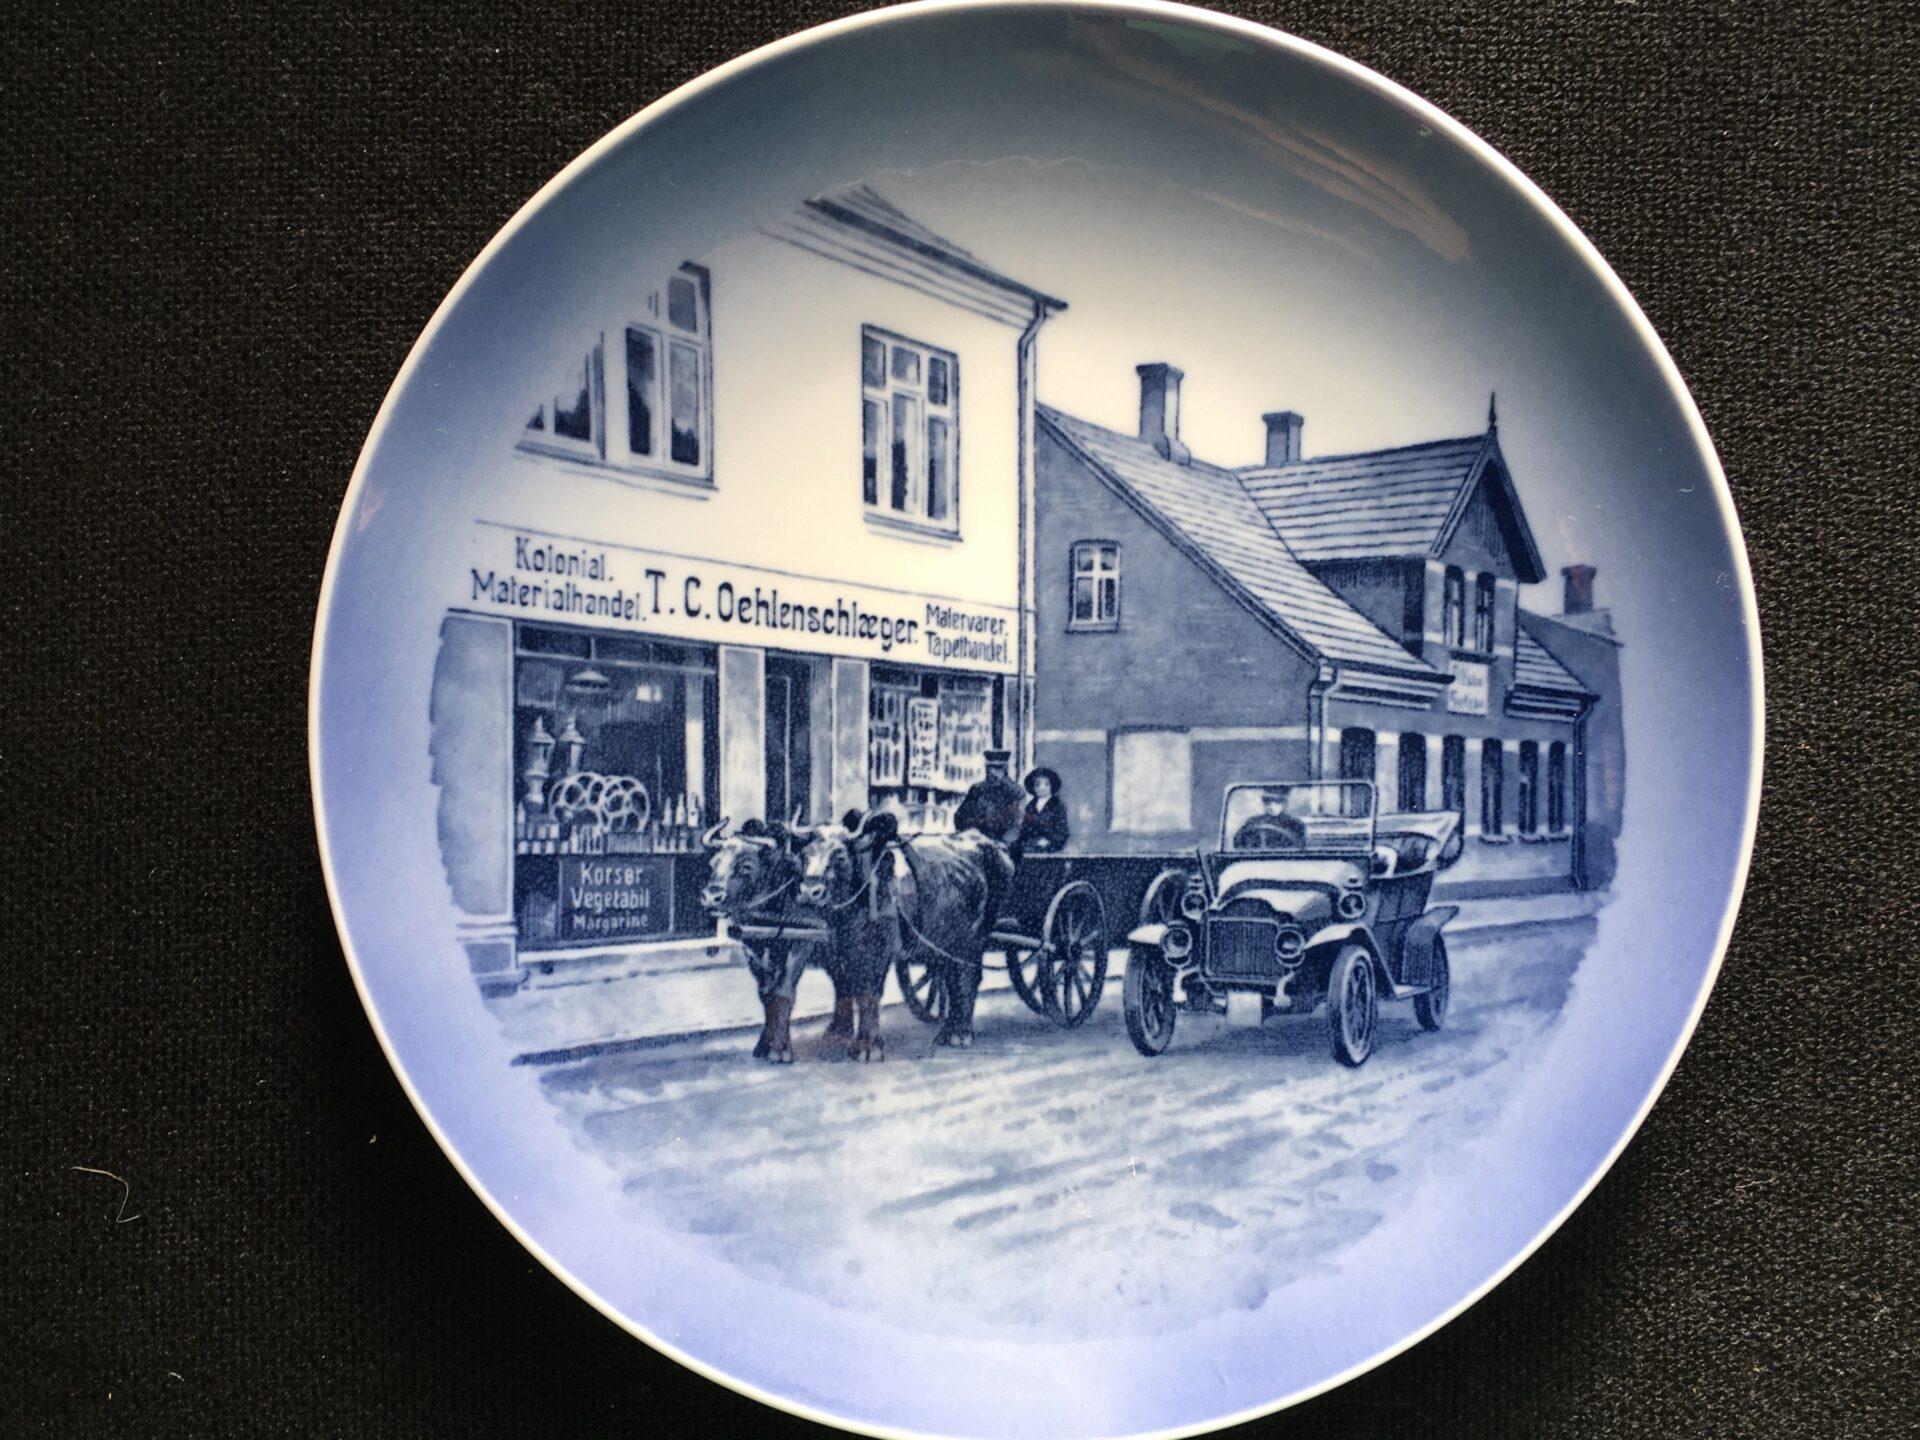 T.C. Oehlensclæger, Grindsted. (25 års jubilæum i 1970) Kongelig porcelæn. Pris 200 kr